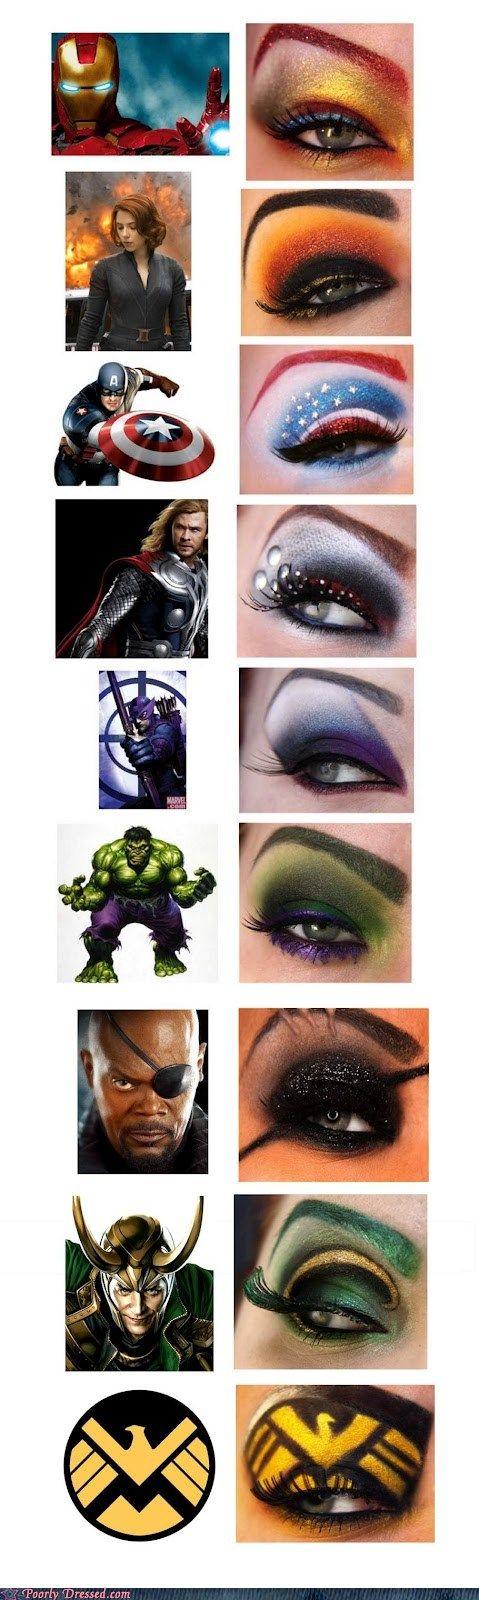 Avengers Movie heroes Eye Makeup Styles